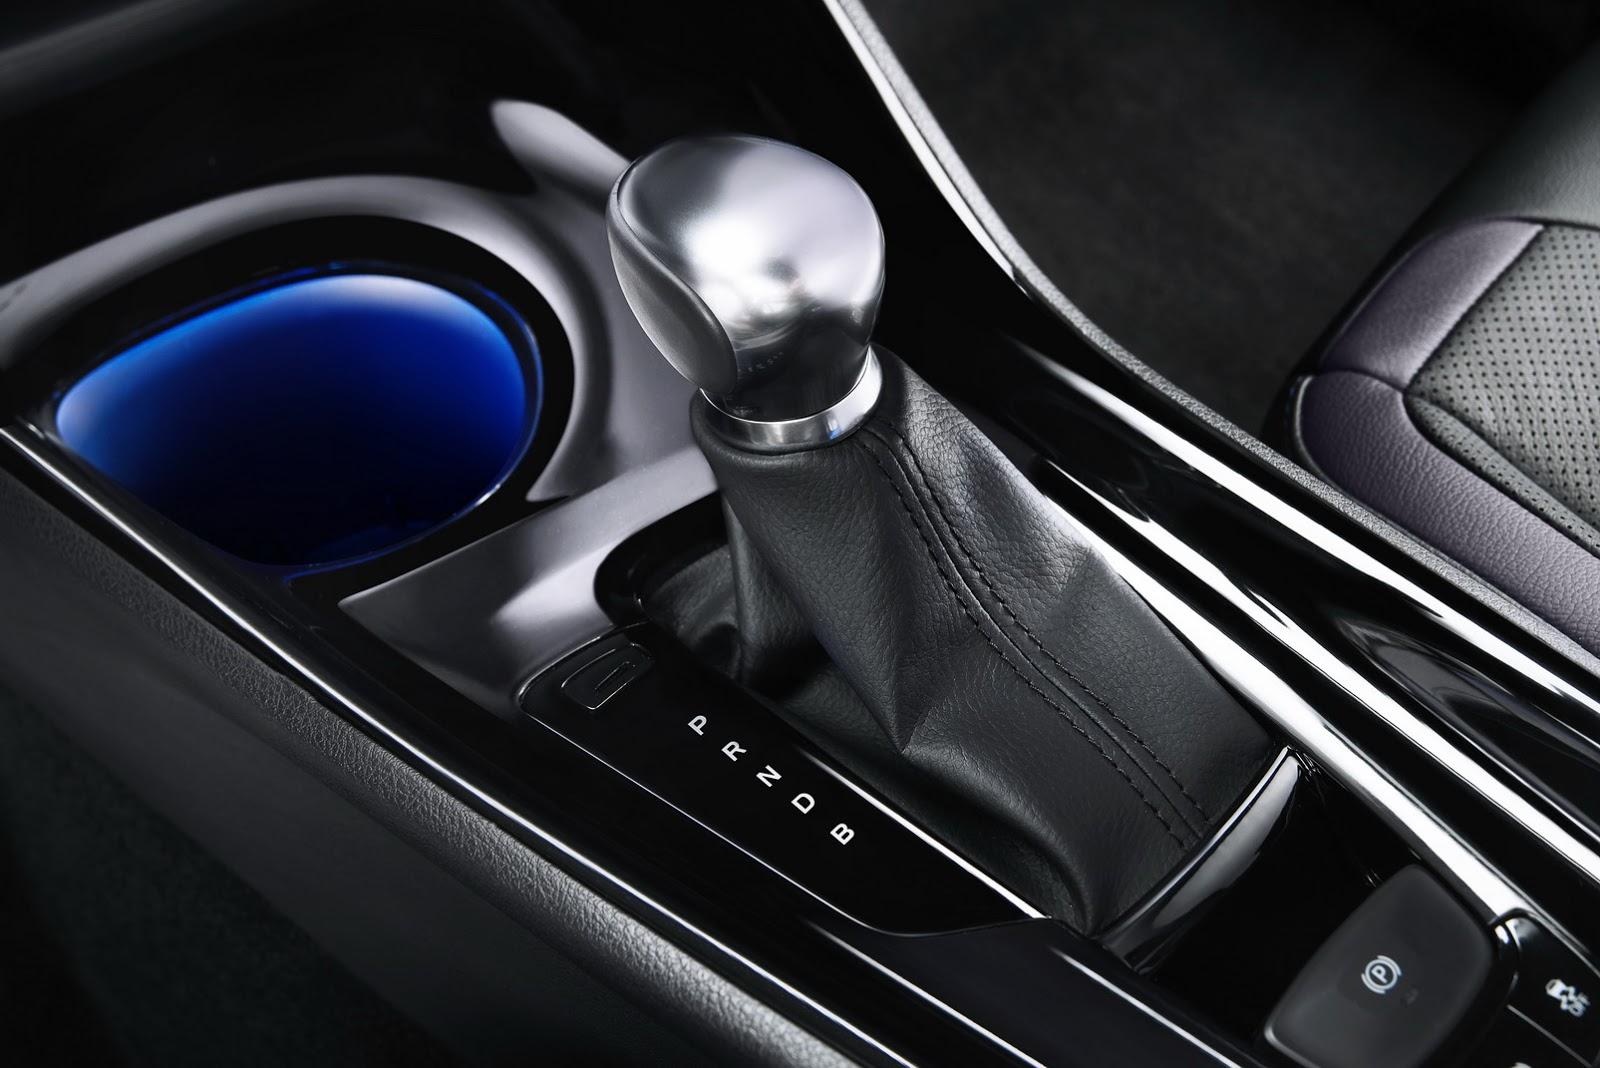 Ngoài ra, Toyota C-HR còn các phụ kiện trang trí màu đen và bạc tạo cảm giác cao cấp.